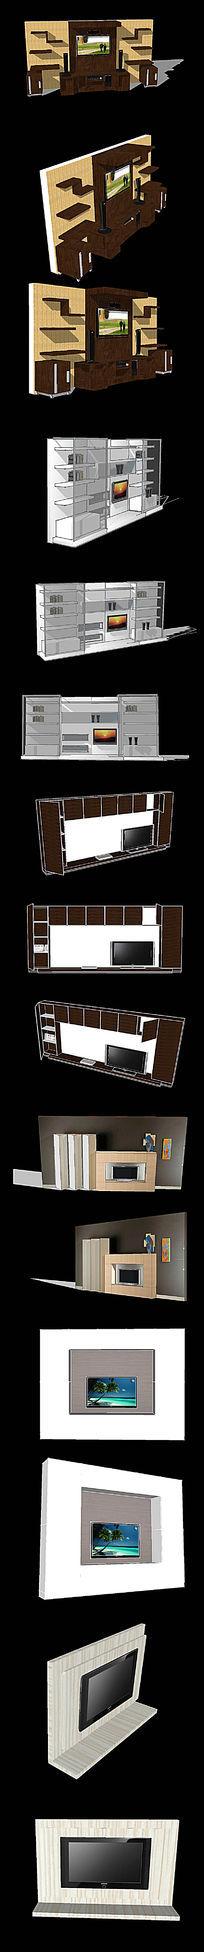 六款电视背景墙SU模型设计